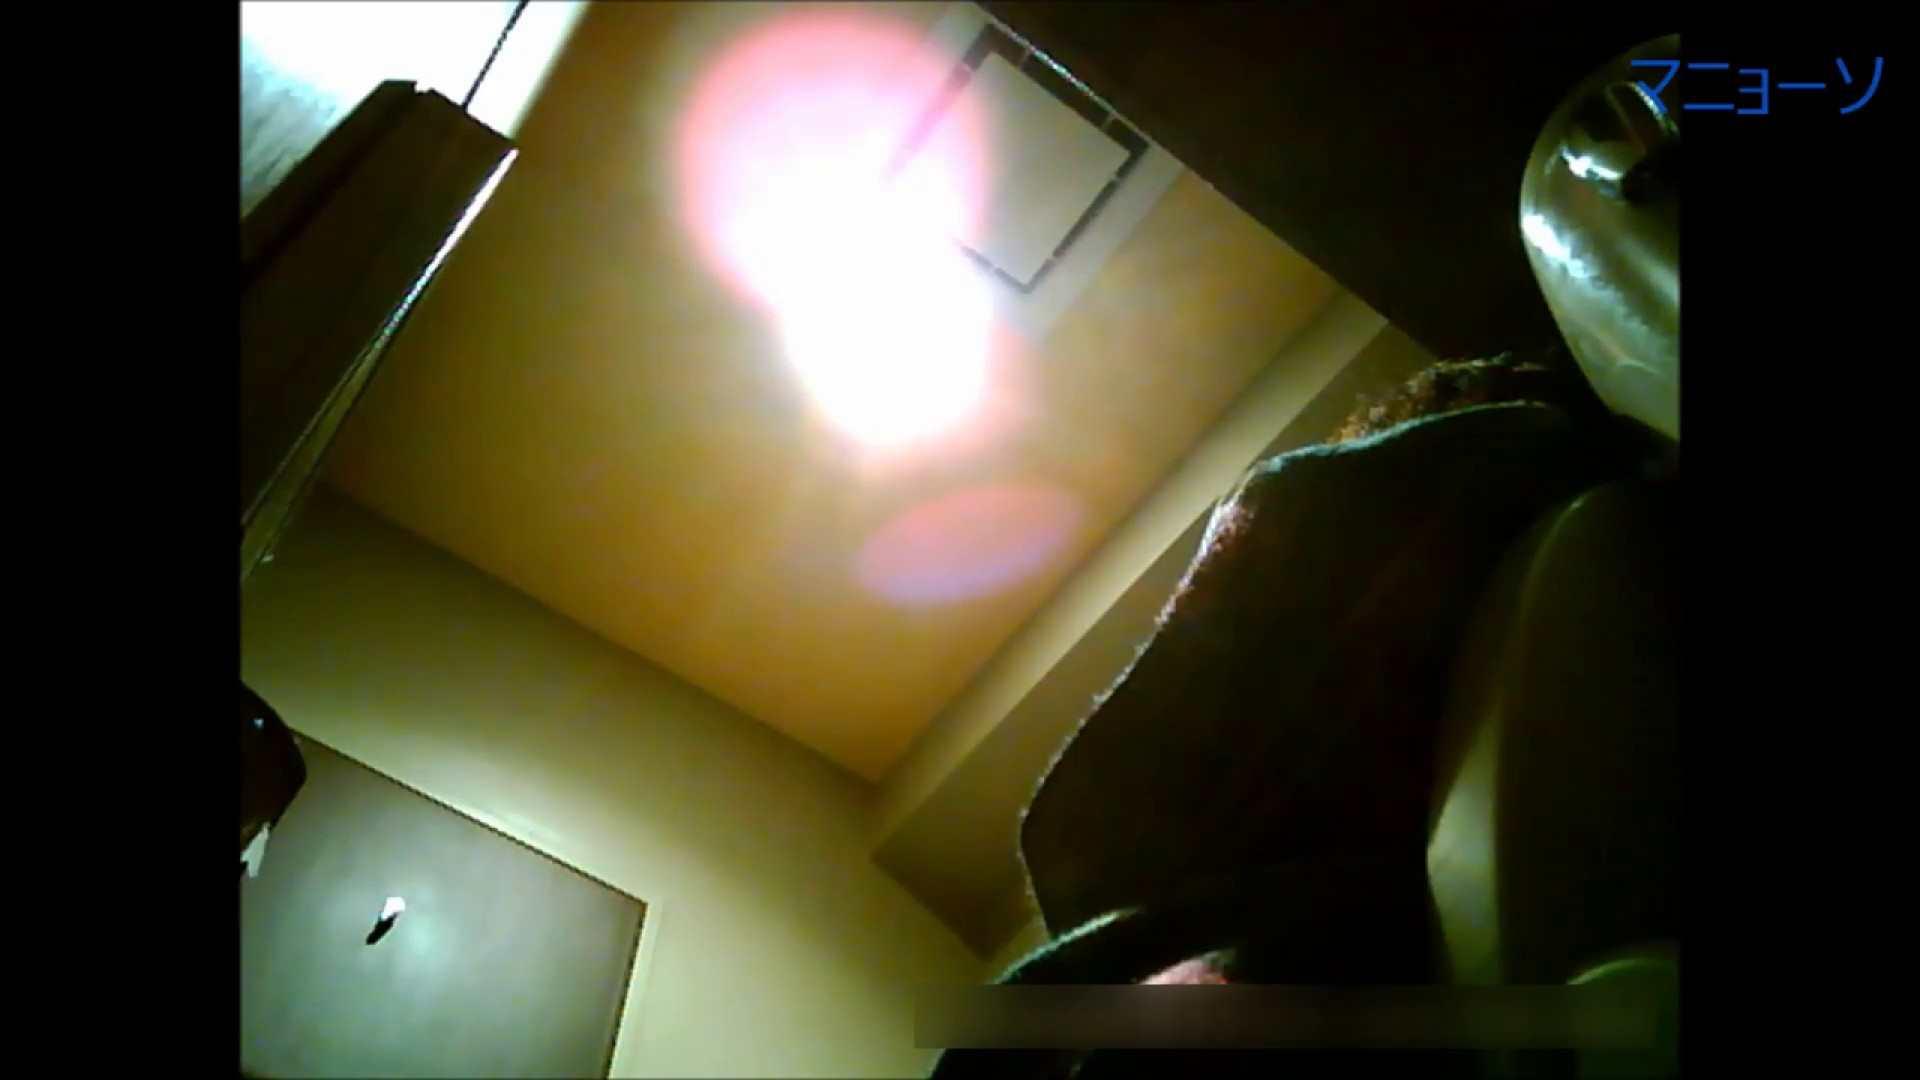 トイレでひと肌脱いでもらいました (JD編)Vol.02 トイレ中の女子達  106連発 64